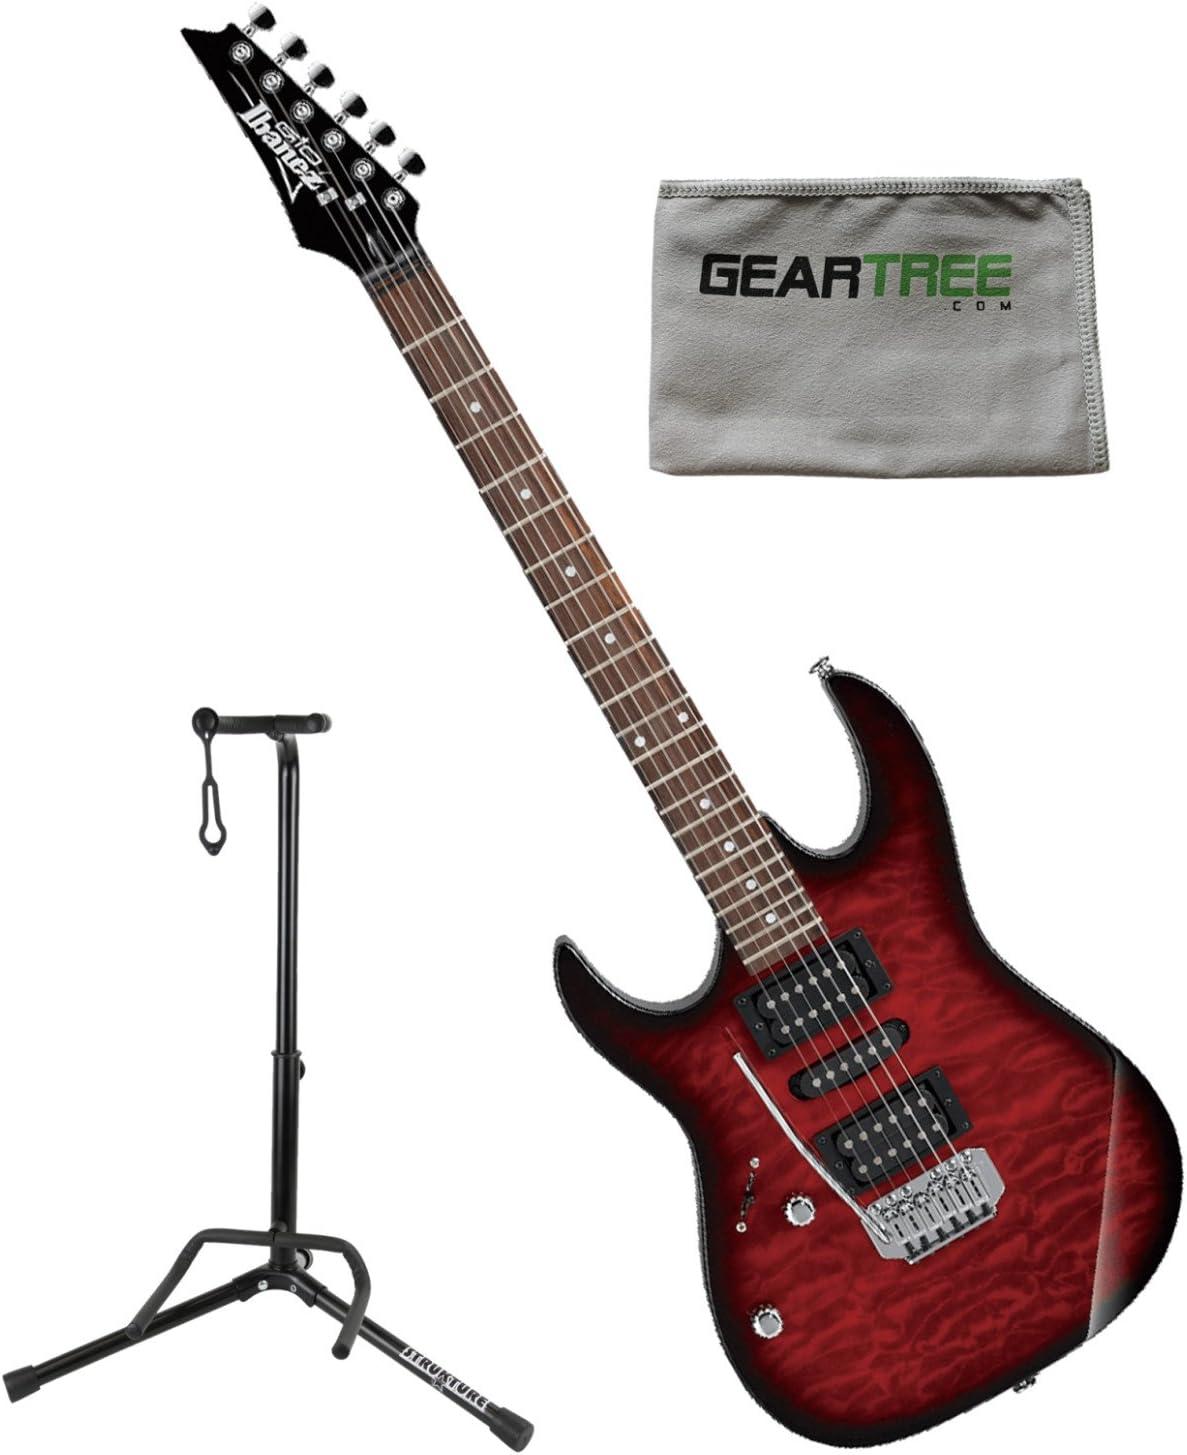 Ibanez grx70qatrbl Gio RX zurdos guitarra eléctrica transparente ...